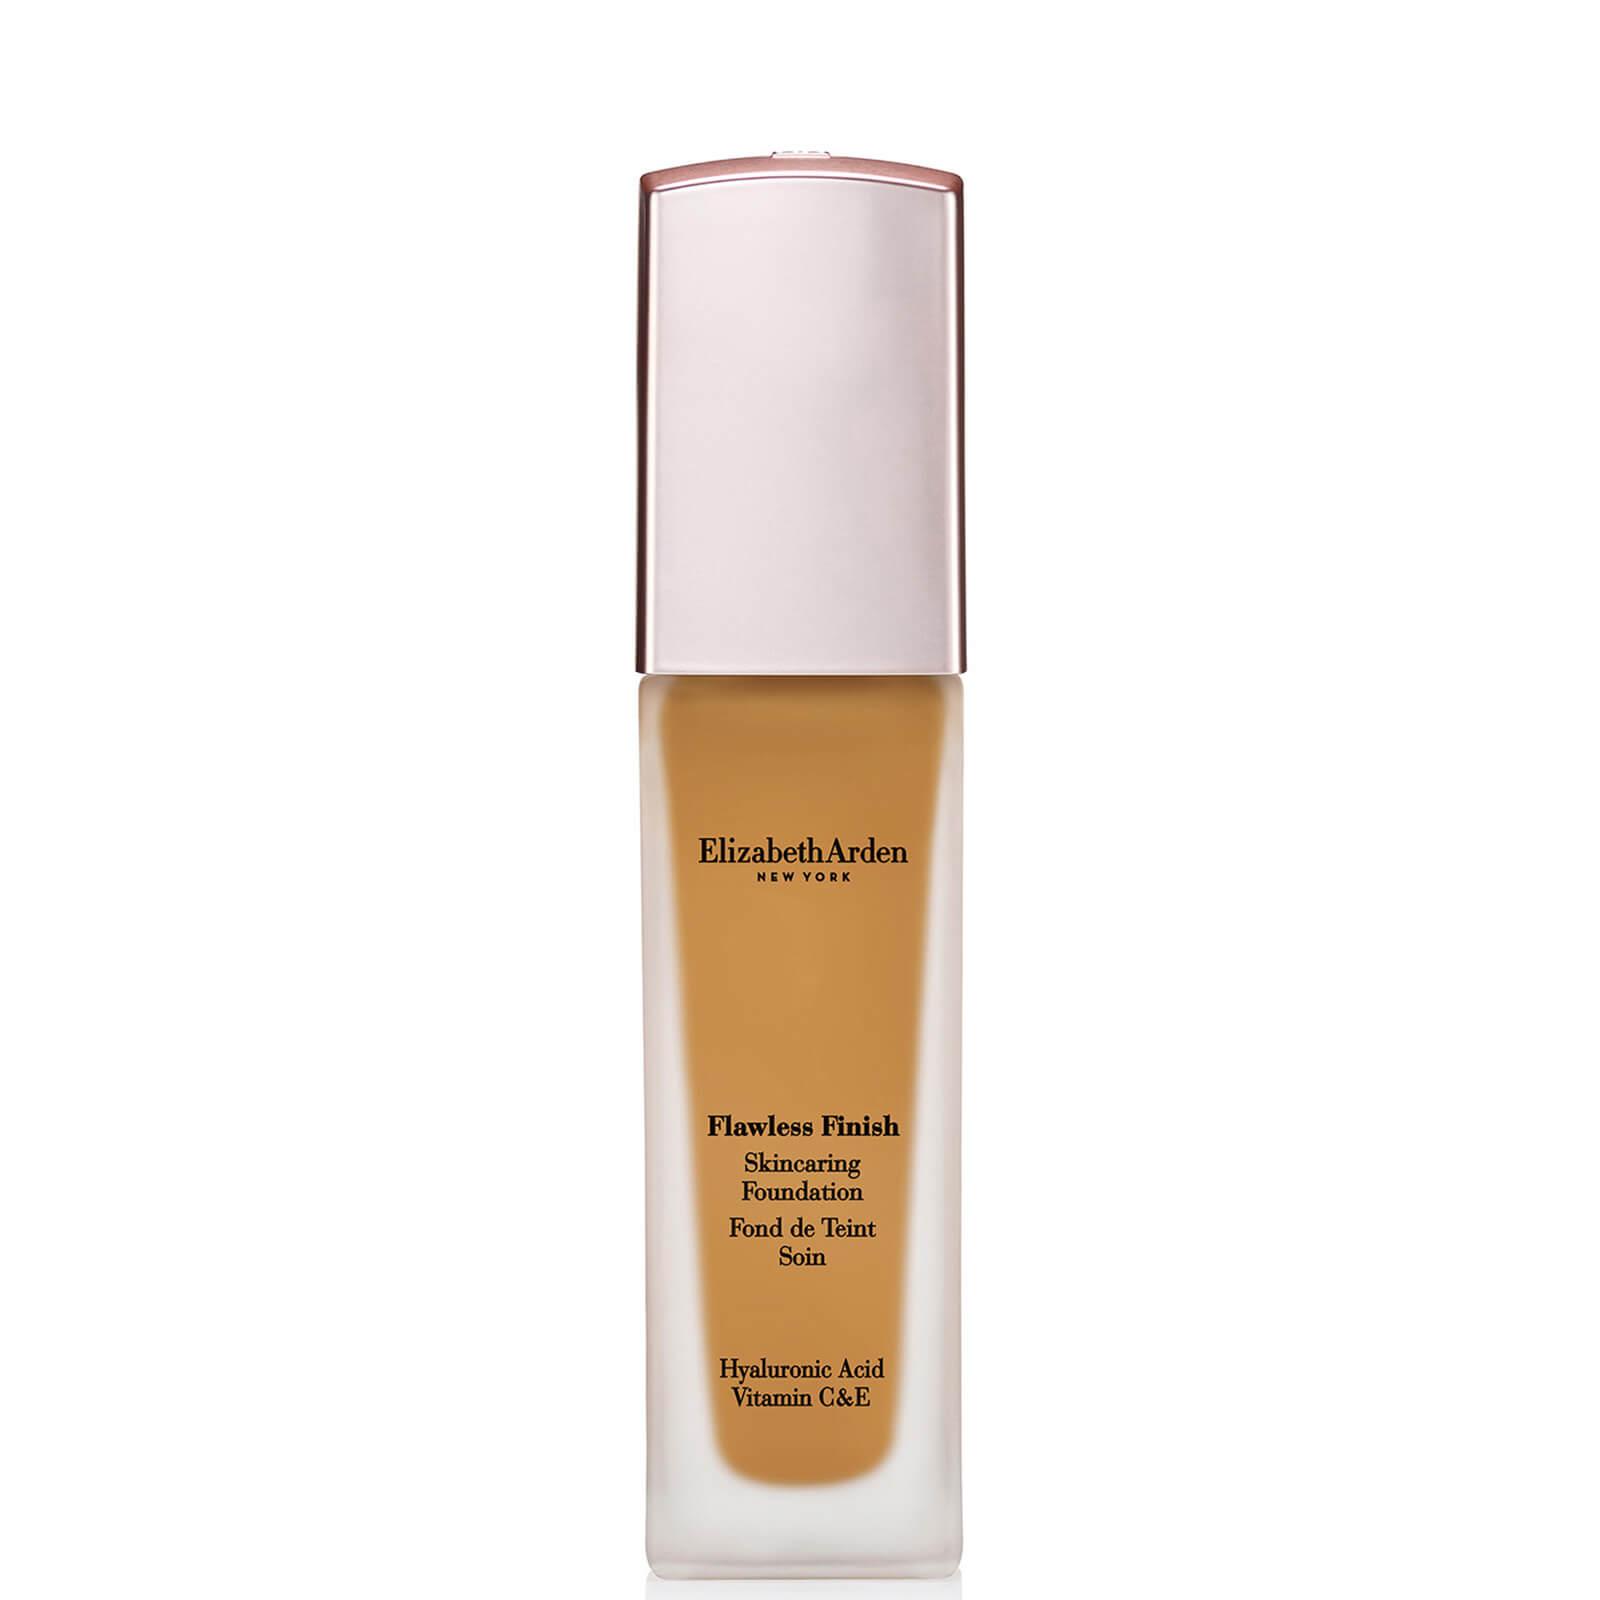 Купить Elizabeth Arden Flawless Finish Skincaring Foundation 30ml (Various Shades) - 460W